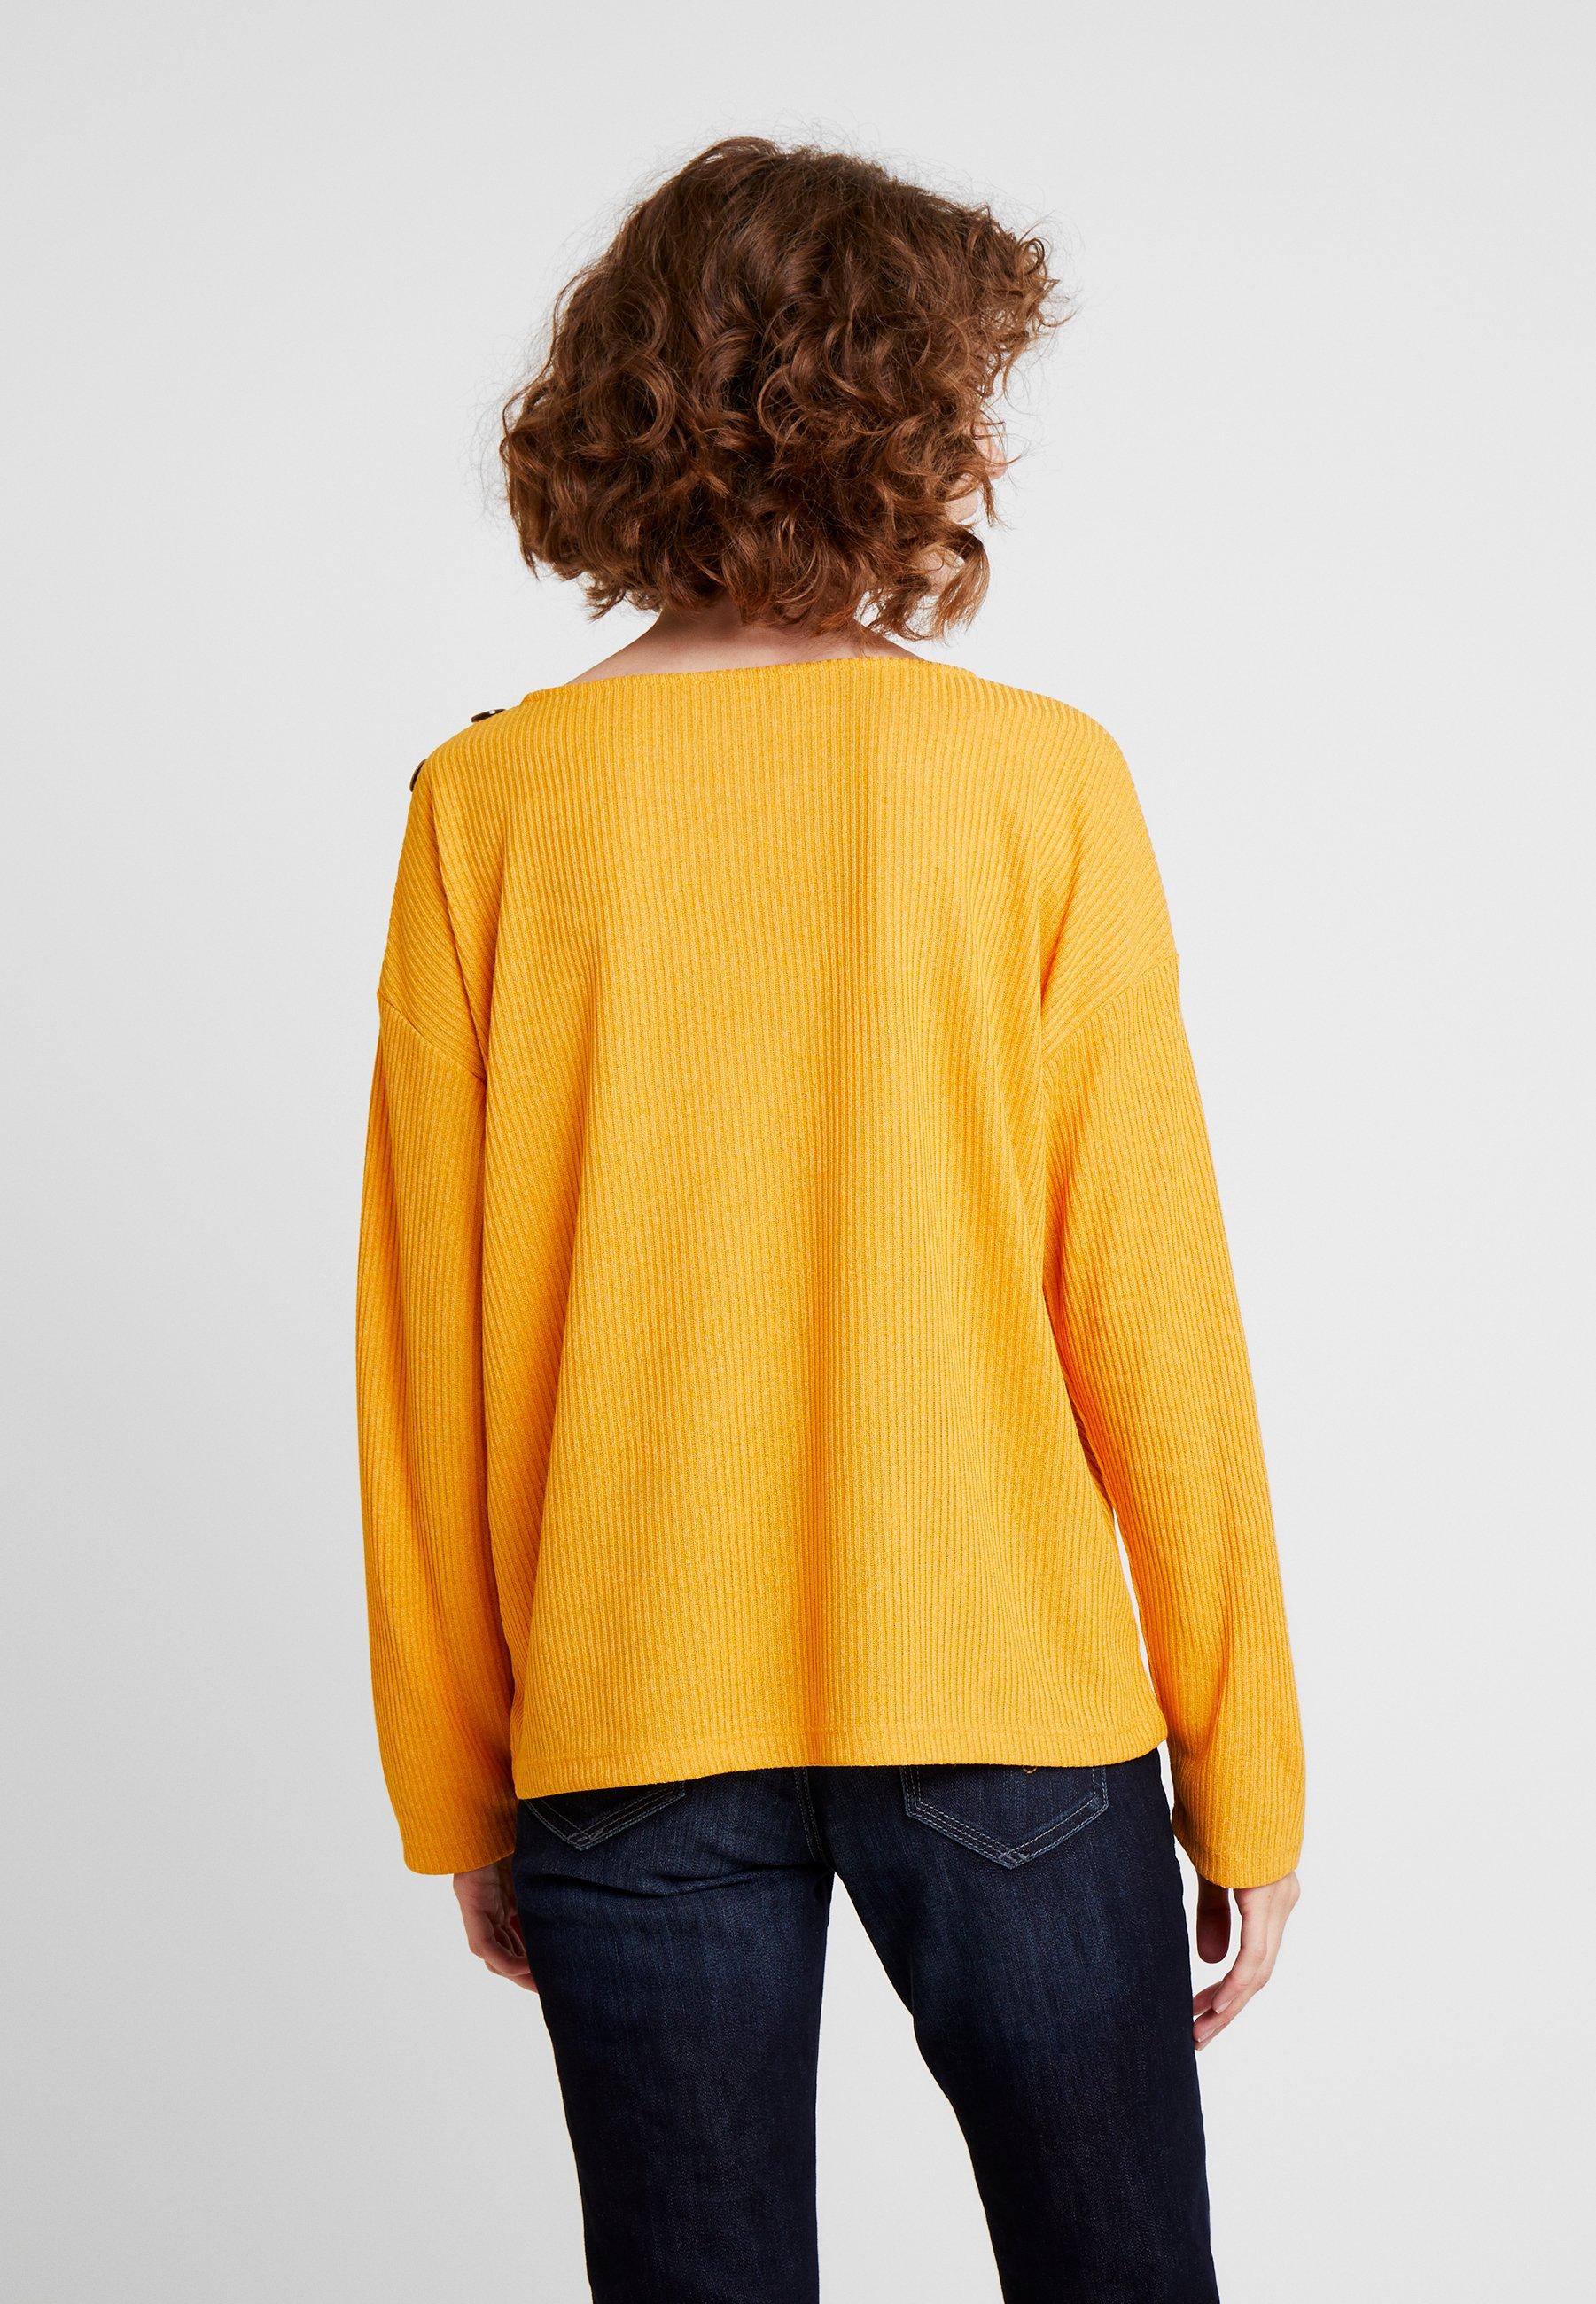 TOM TAILOR DENIM BOXY - Langarmshirt sunflower yellow